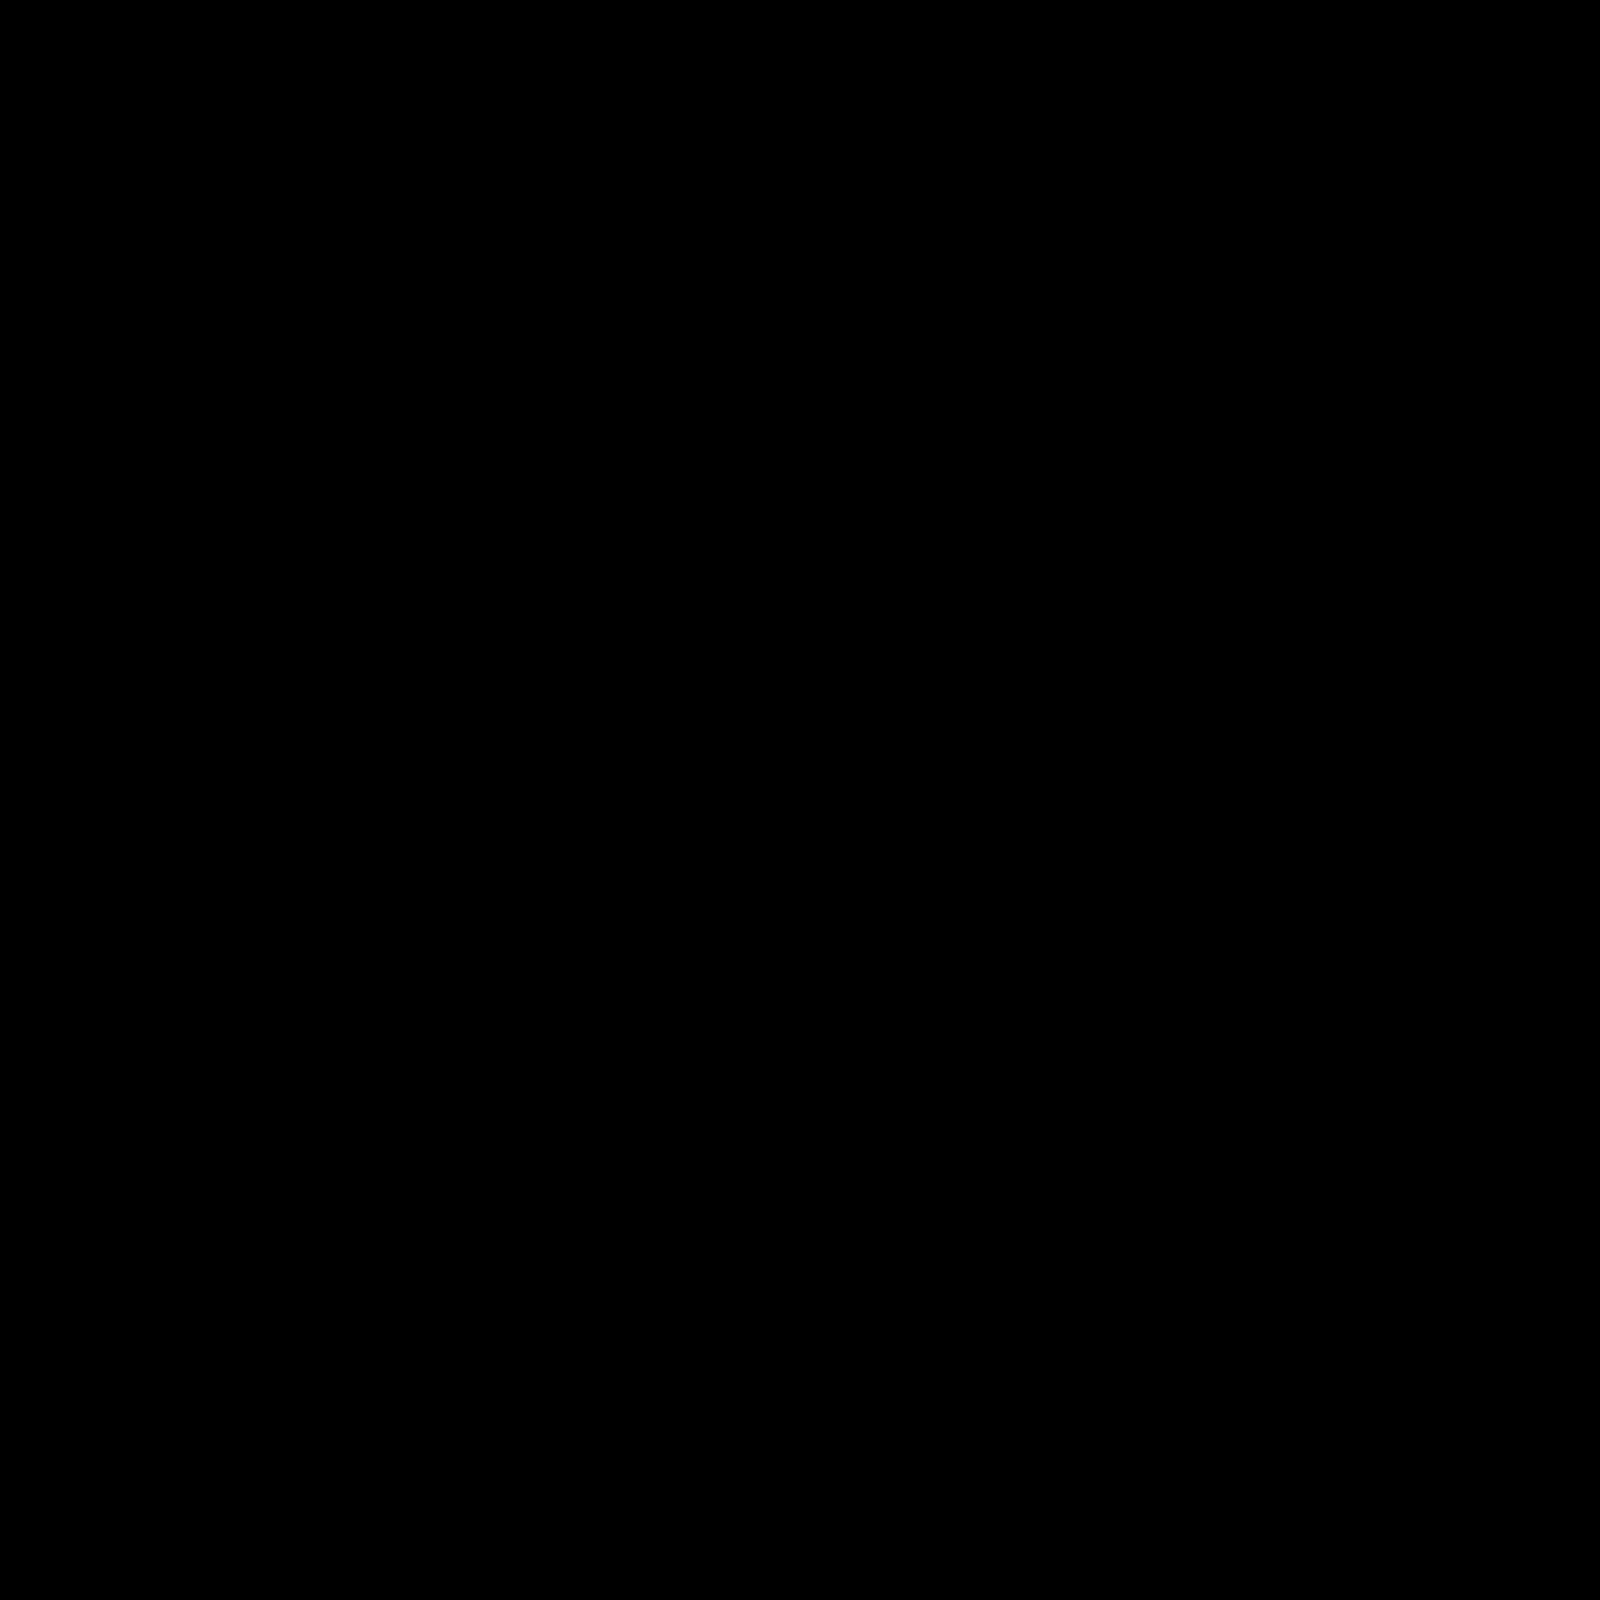 Google analytics png. Logo filled icon free